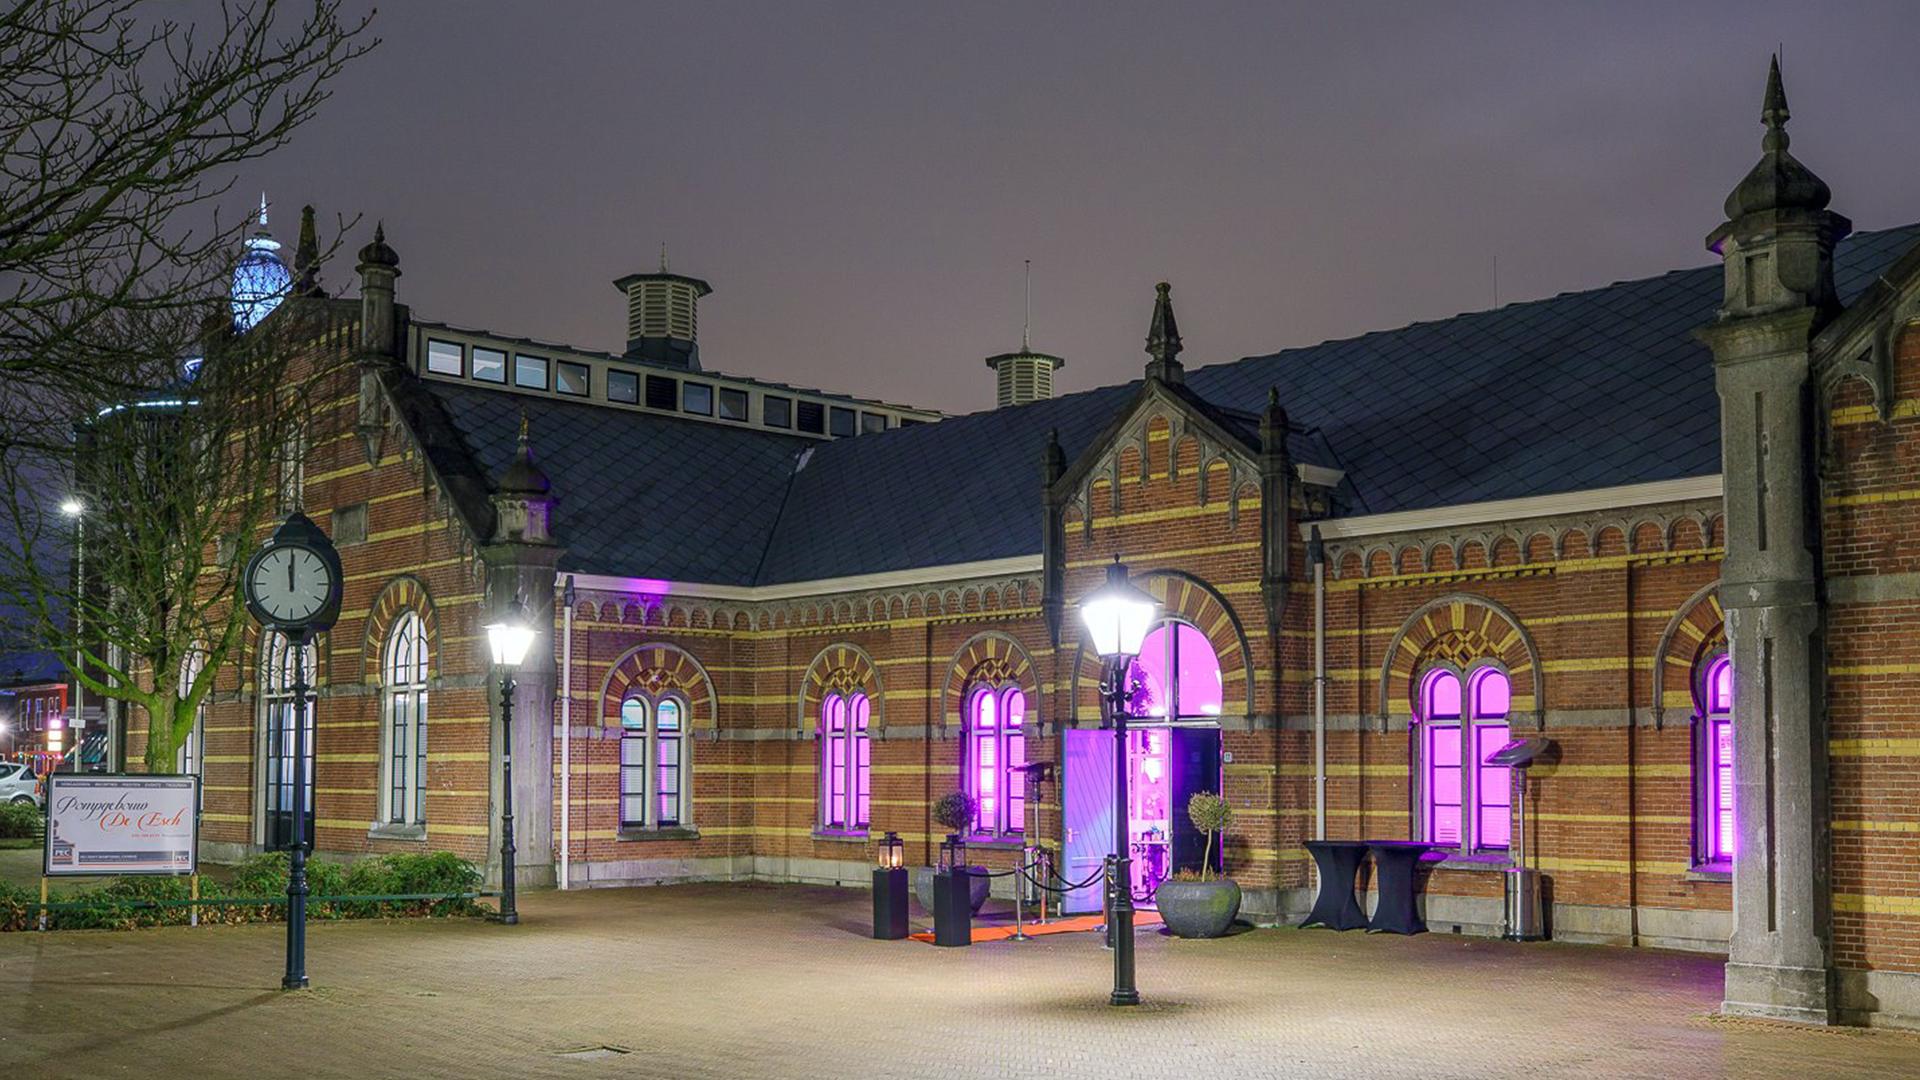 Pompgebouw de Esch evenementenlocatie in Rotterdam